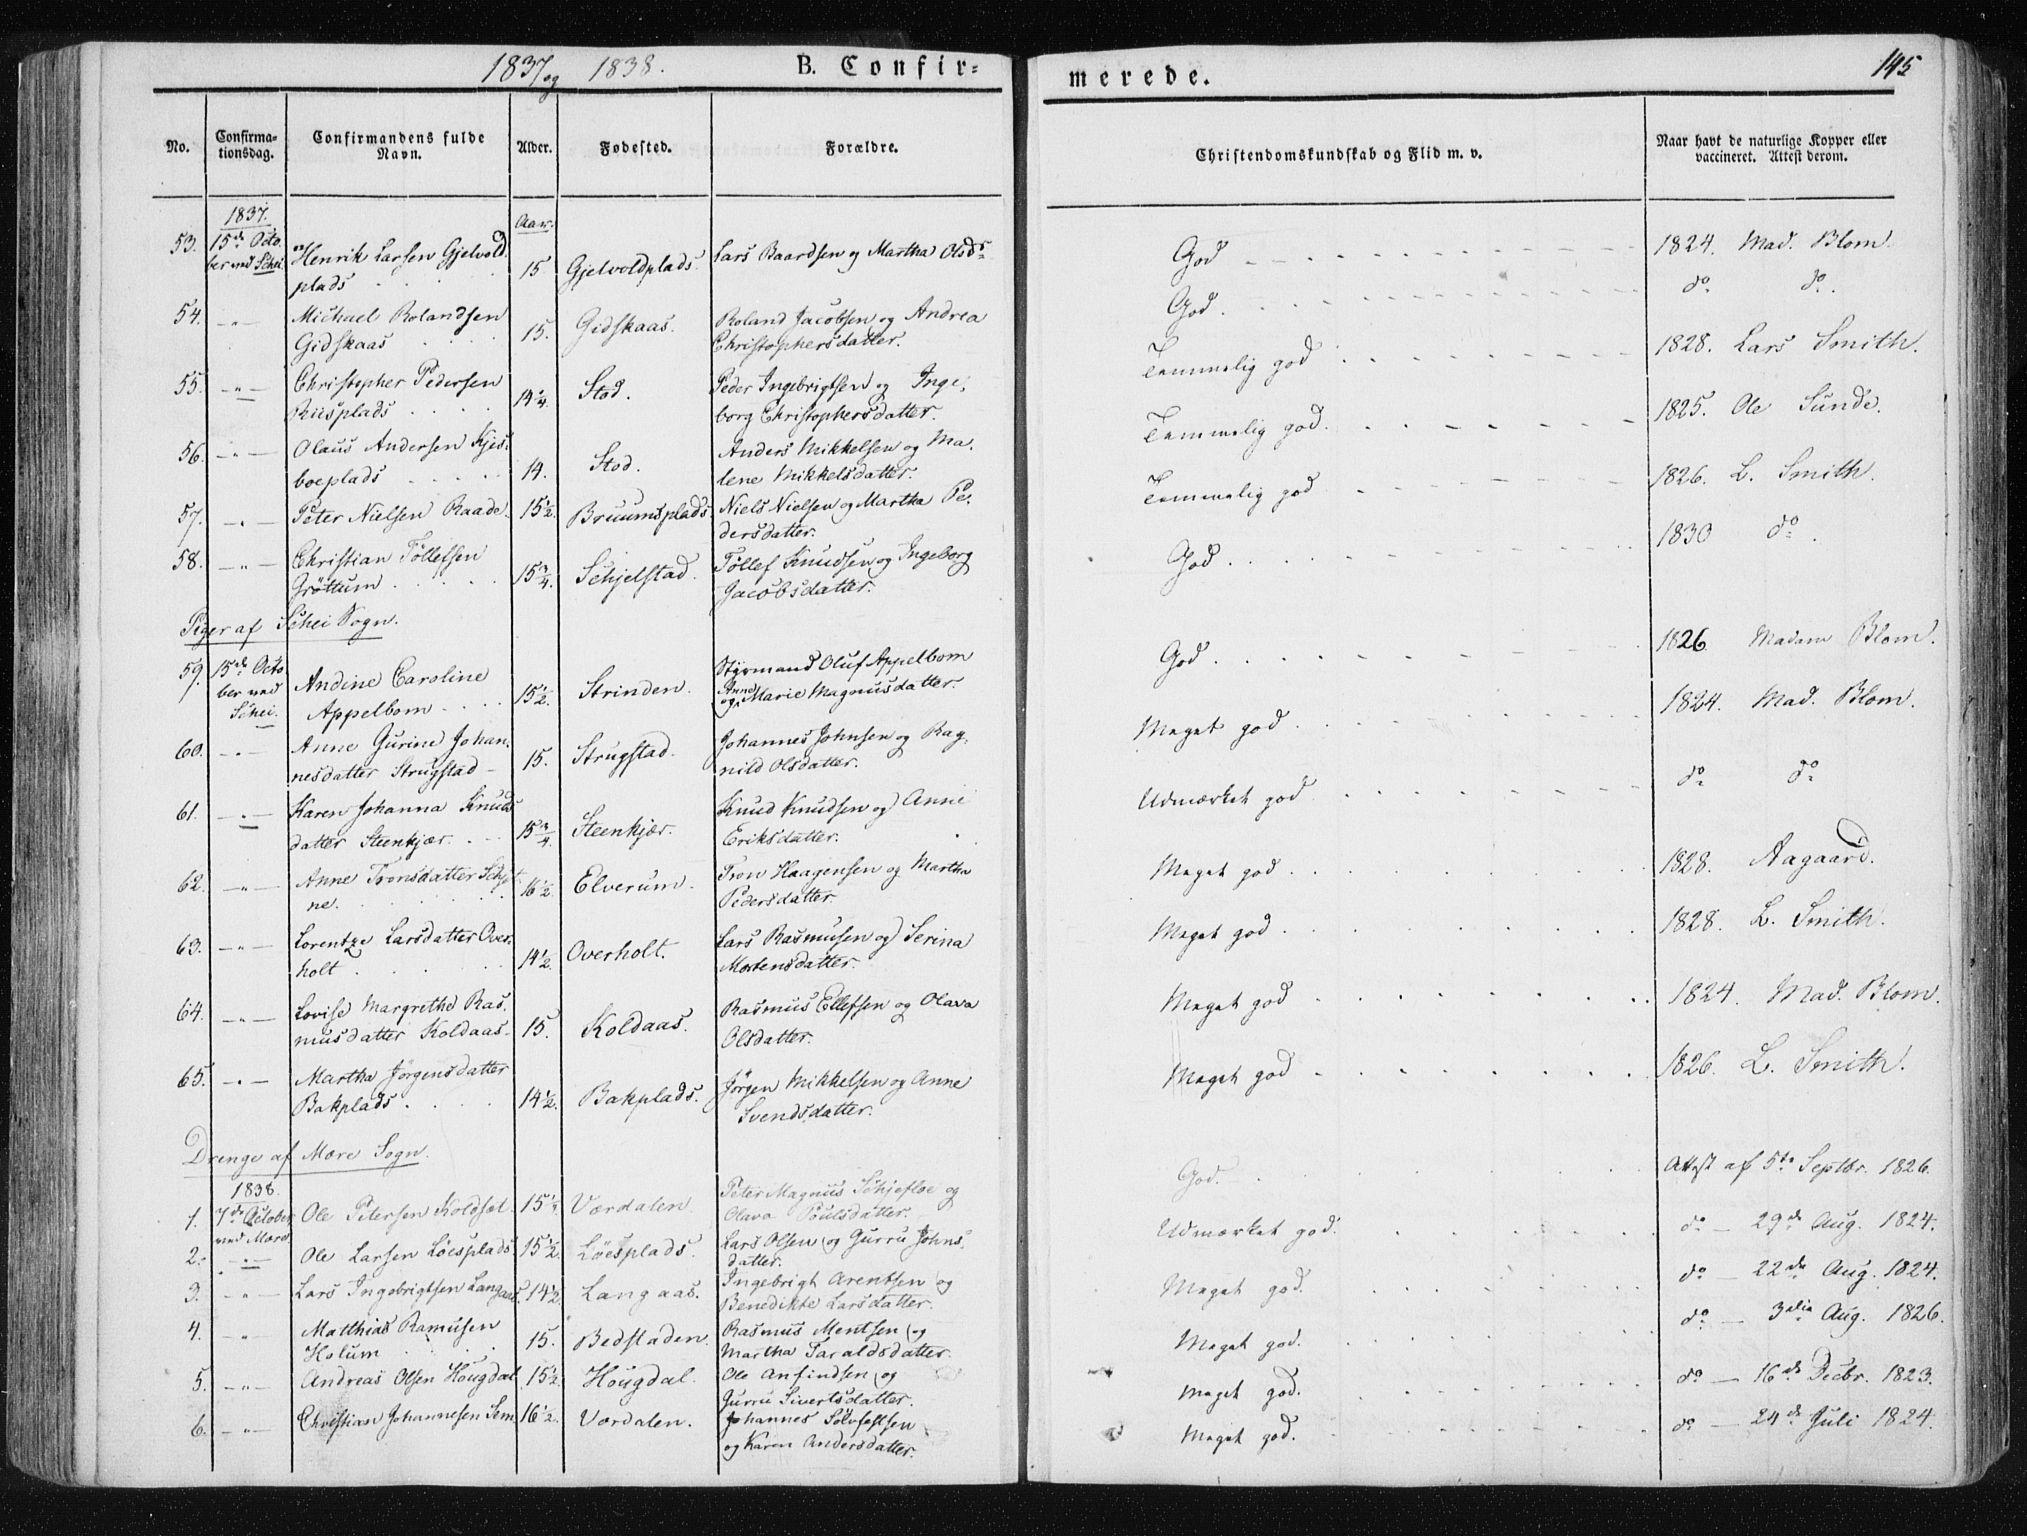 SAT, Ministerialprotokoller, klokkerbøker og fødselsregistre - Nord-Trøndelag, 735/L0339: Ministerialbok nr. 735A06 /1, 1836-1848, s. 145